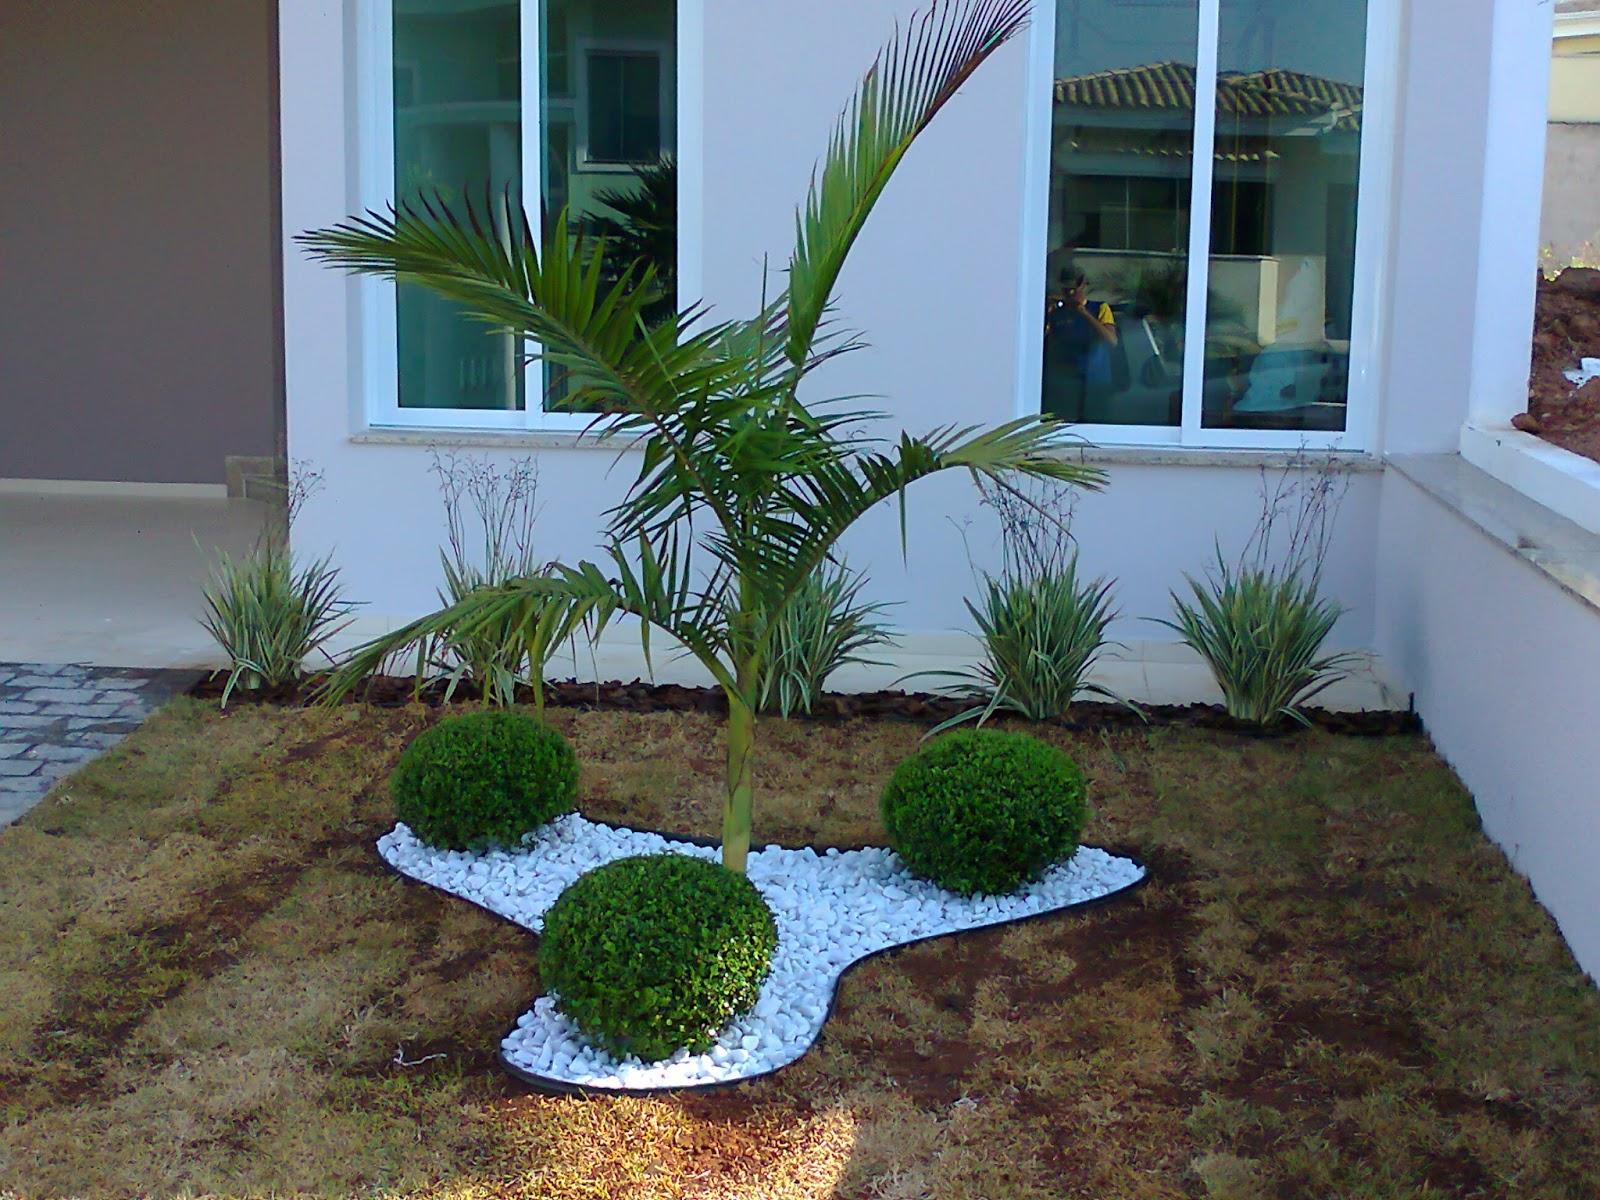 pedras para jardim em sorocaba:Em Sorocaba/SP